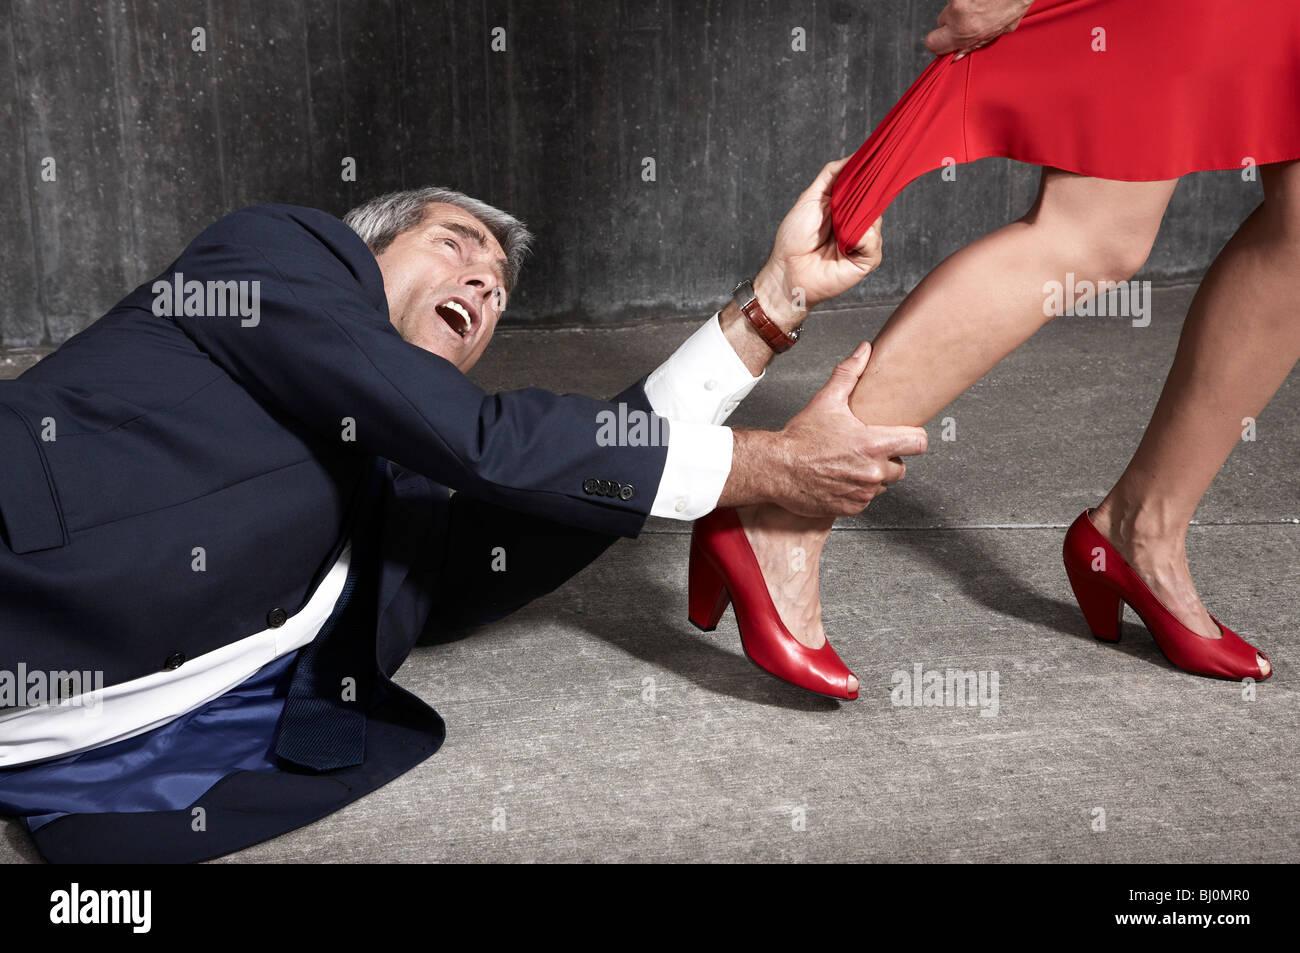 verzweifelter Mann auf Boden versucht, Frau halten Stockbild